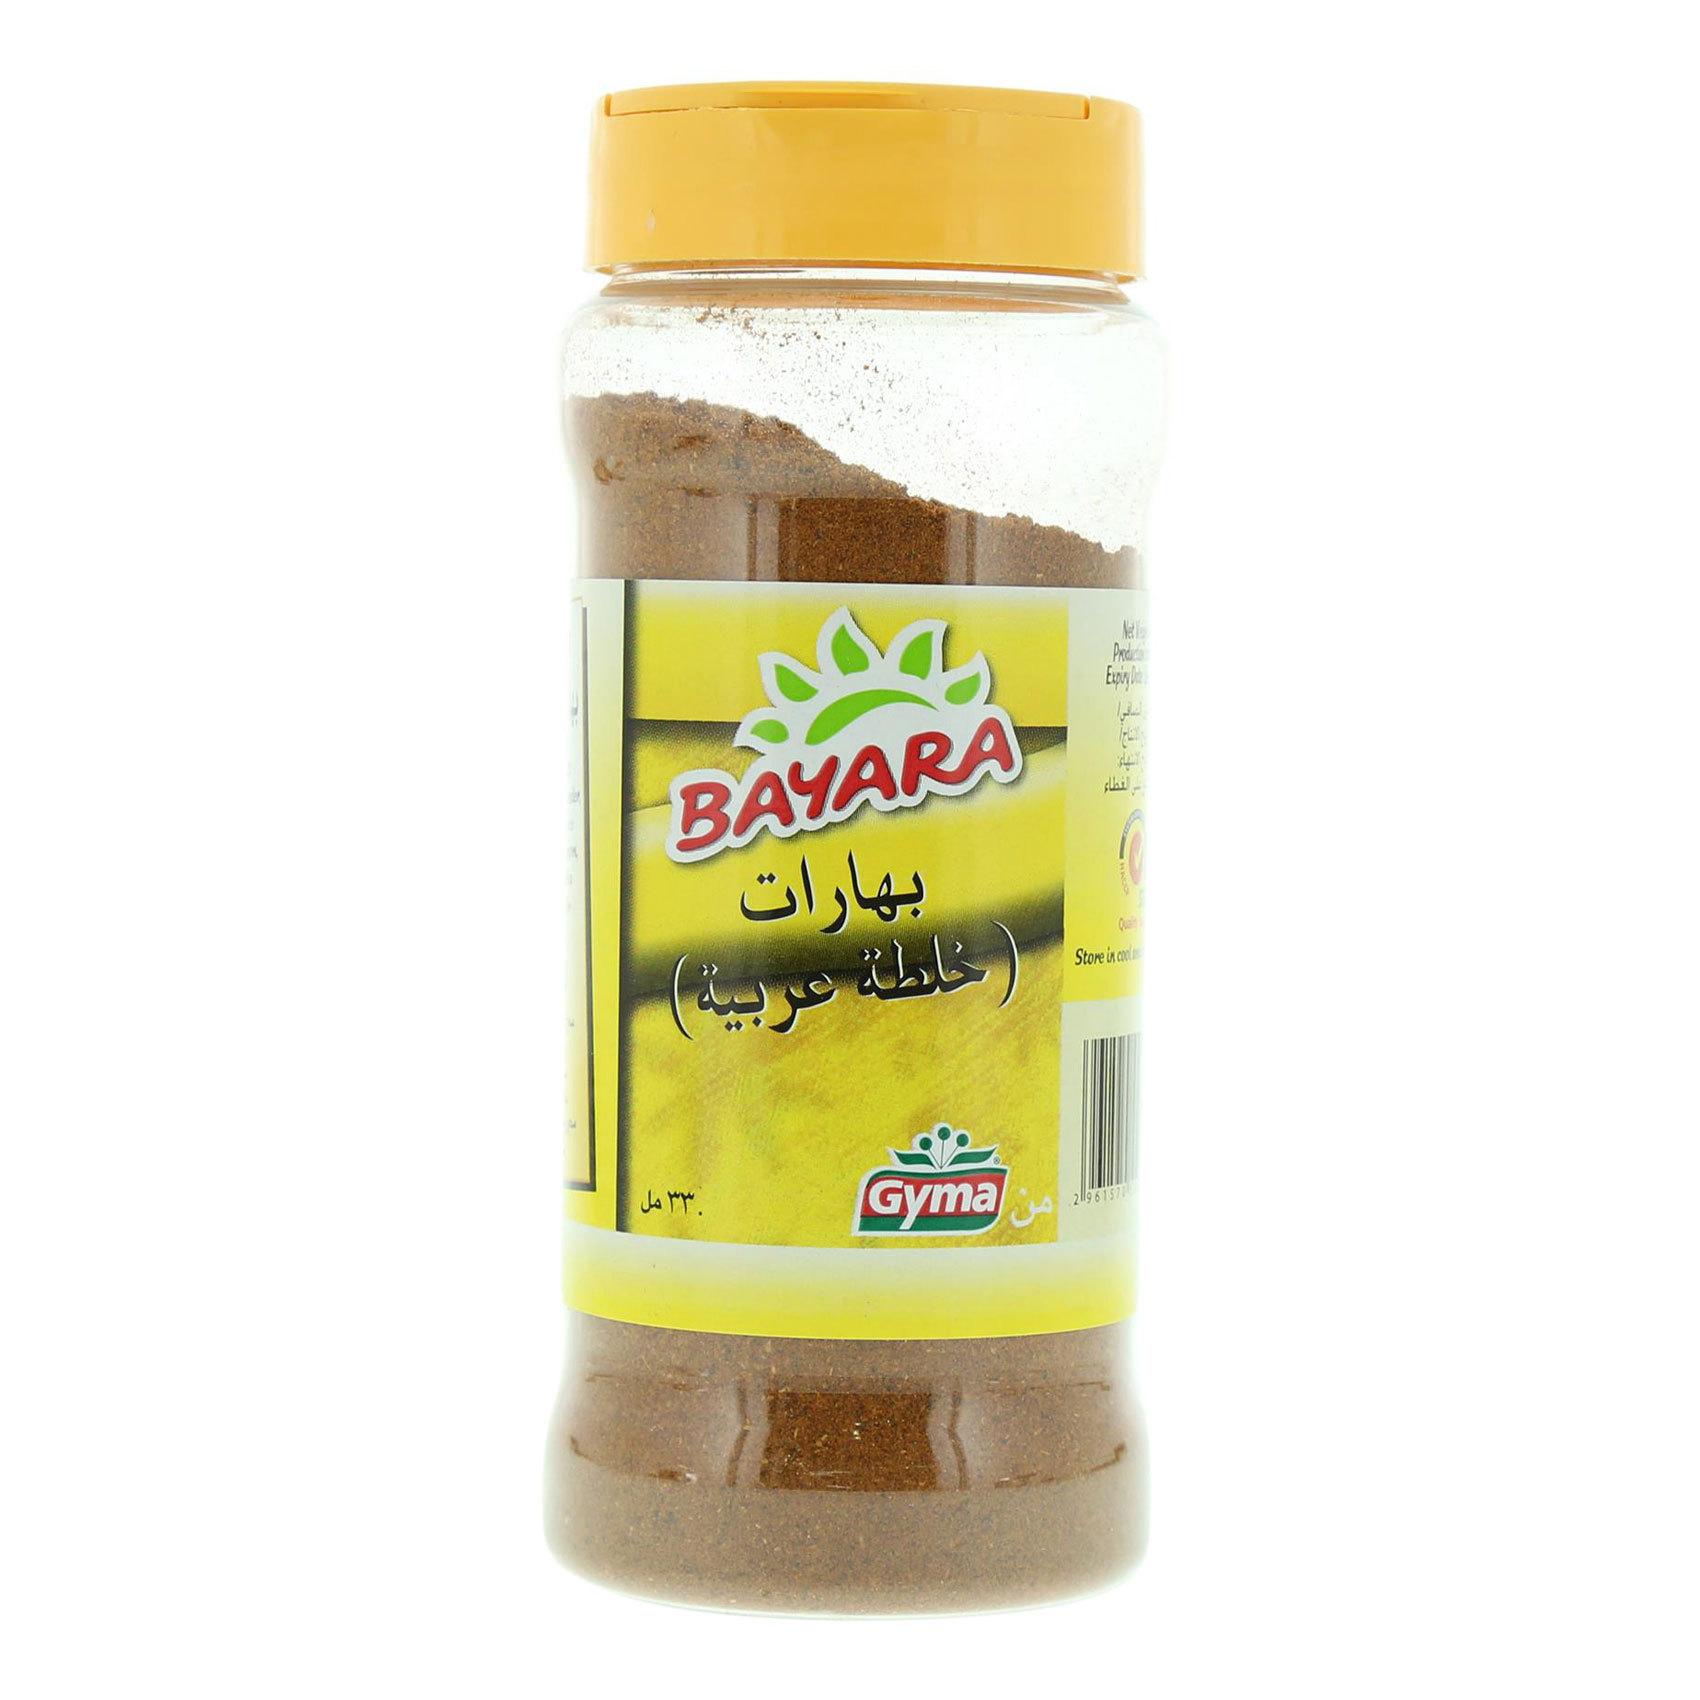 BAYARA BAHARAT ARABIC MIX  330ML